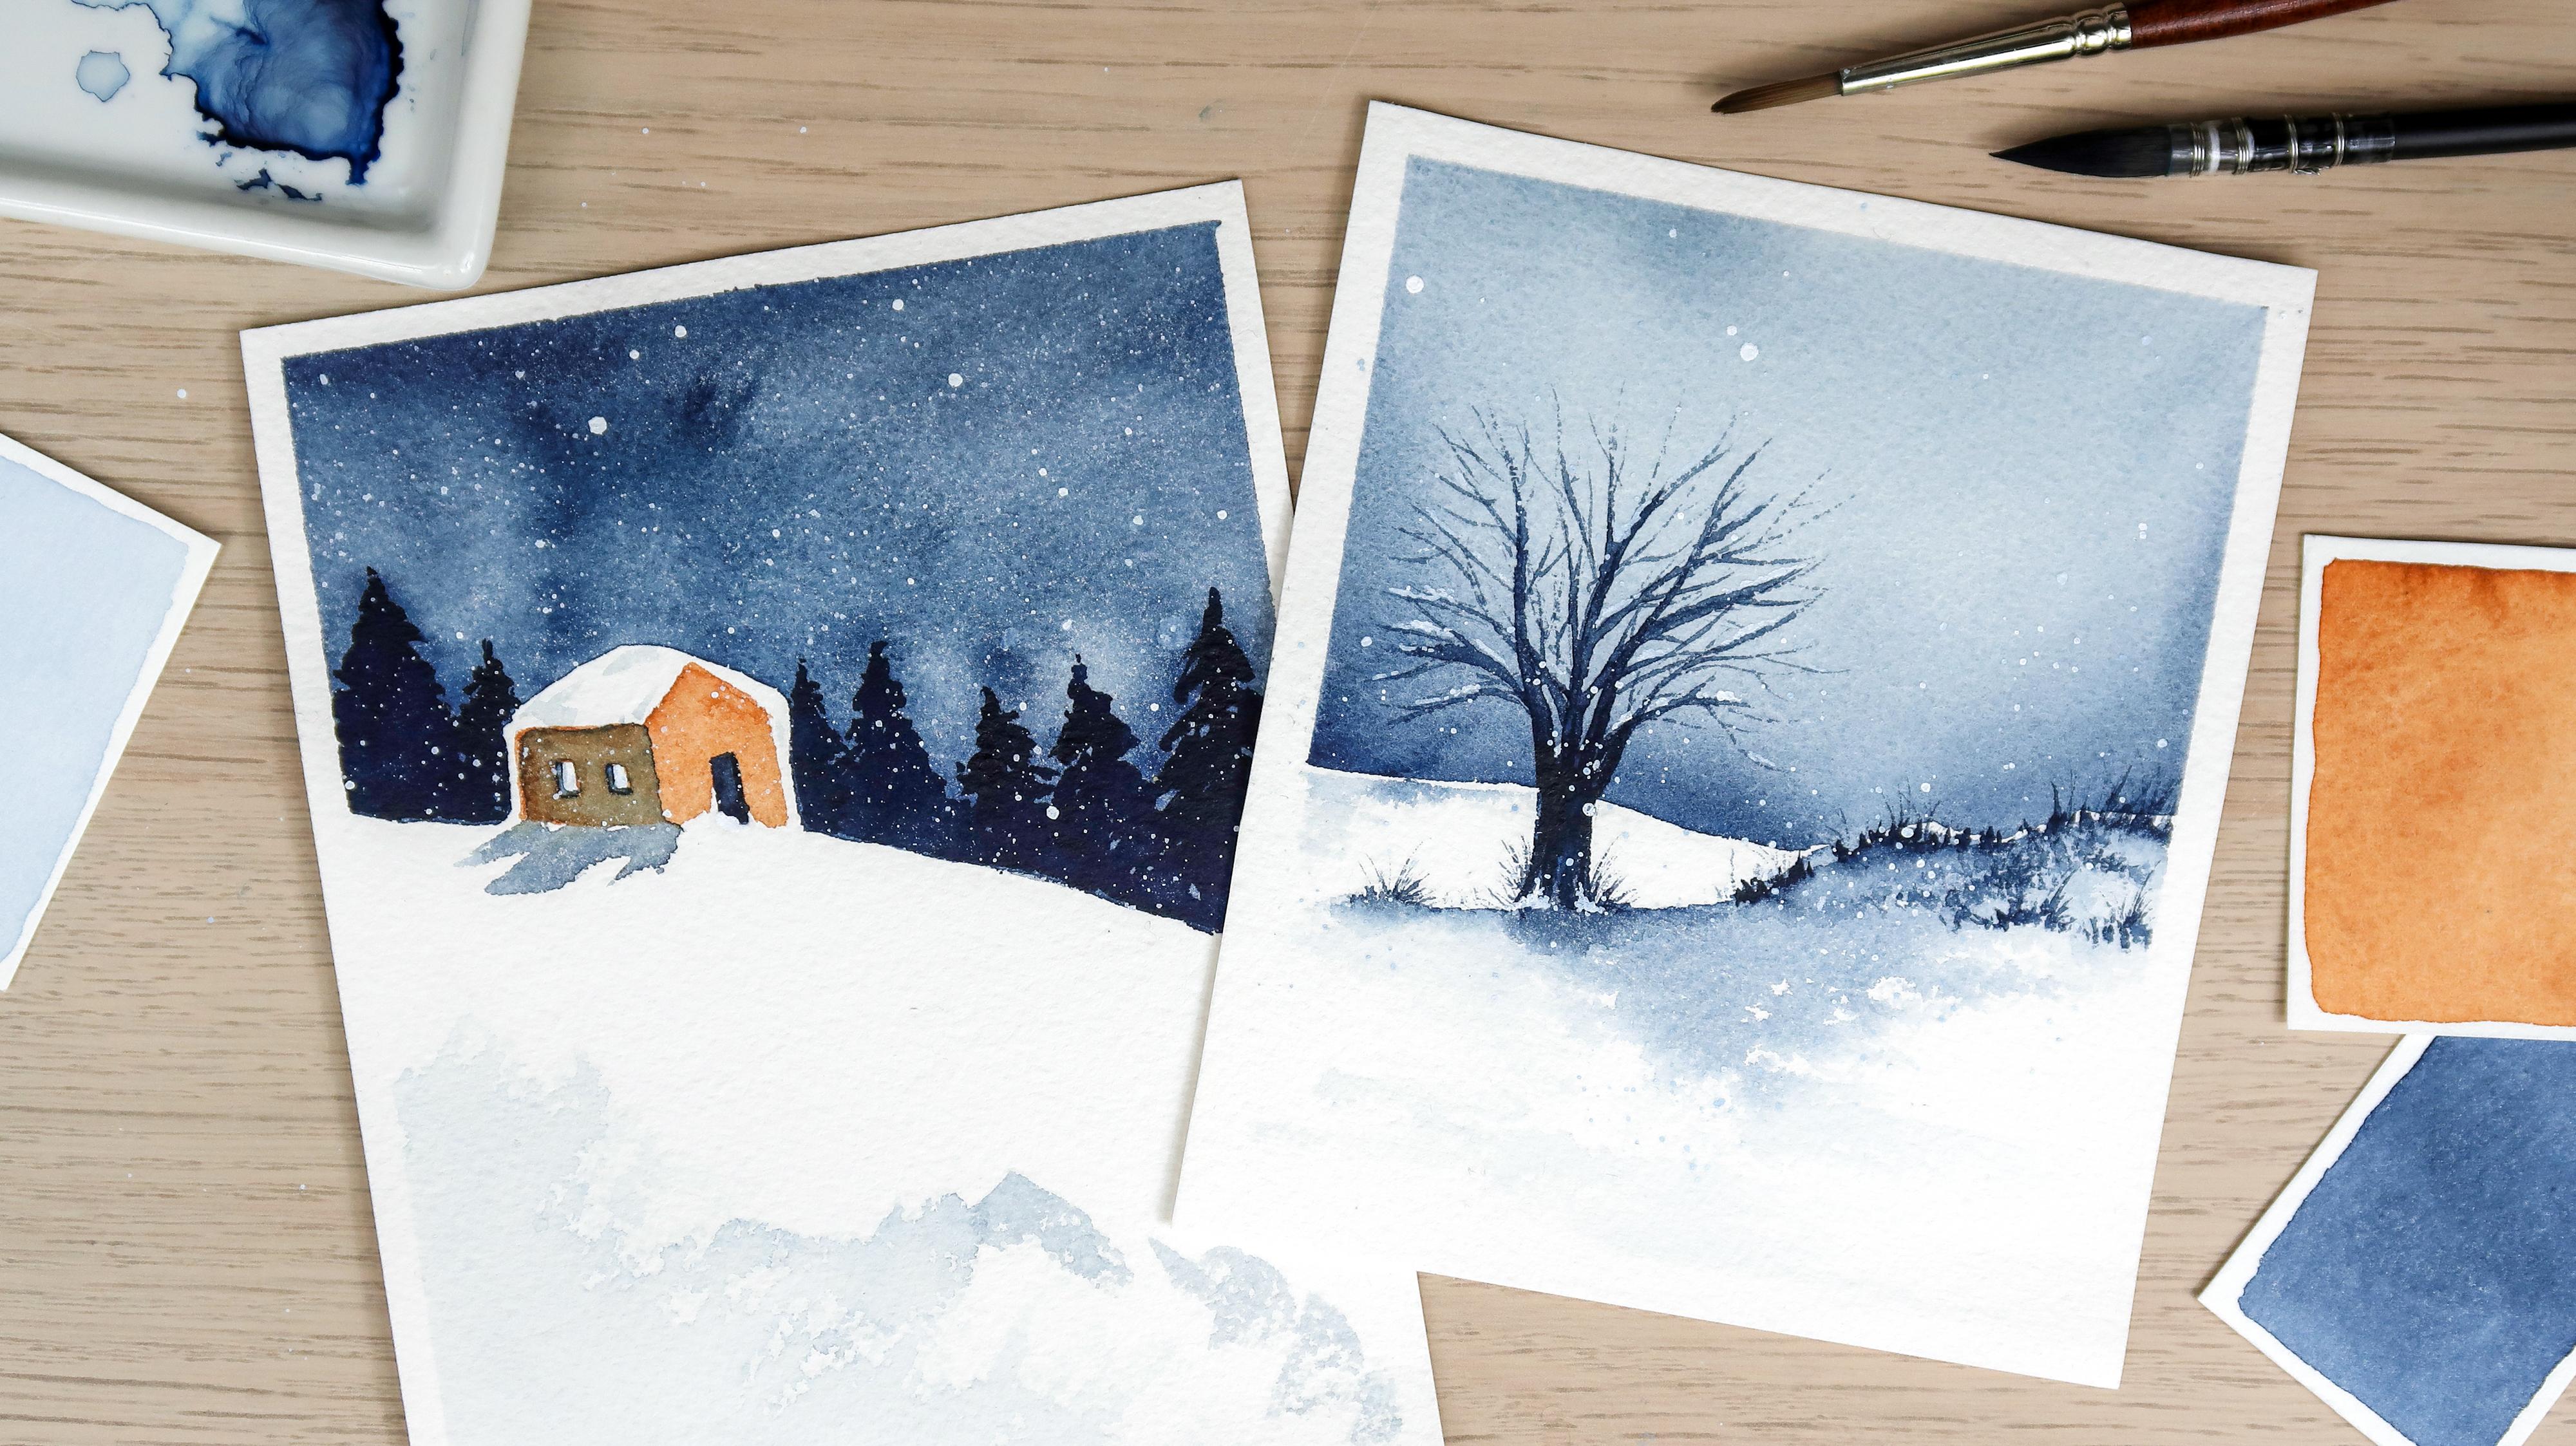 Comment peindre un paysage enneigé à l'aquarelle ?